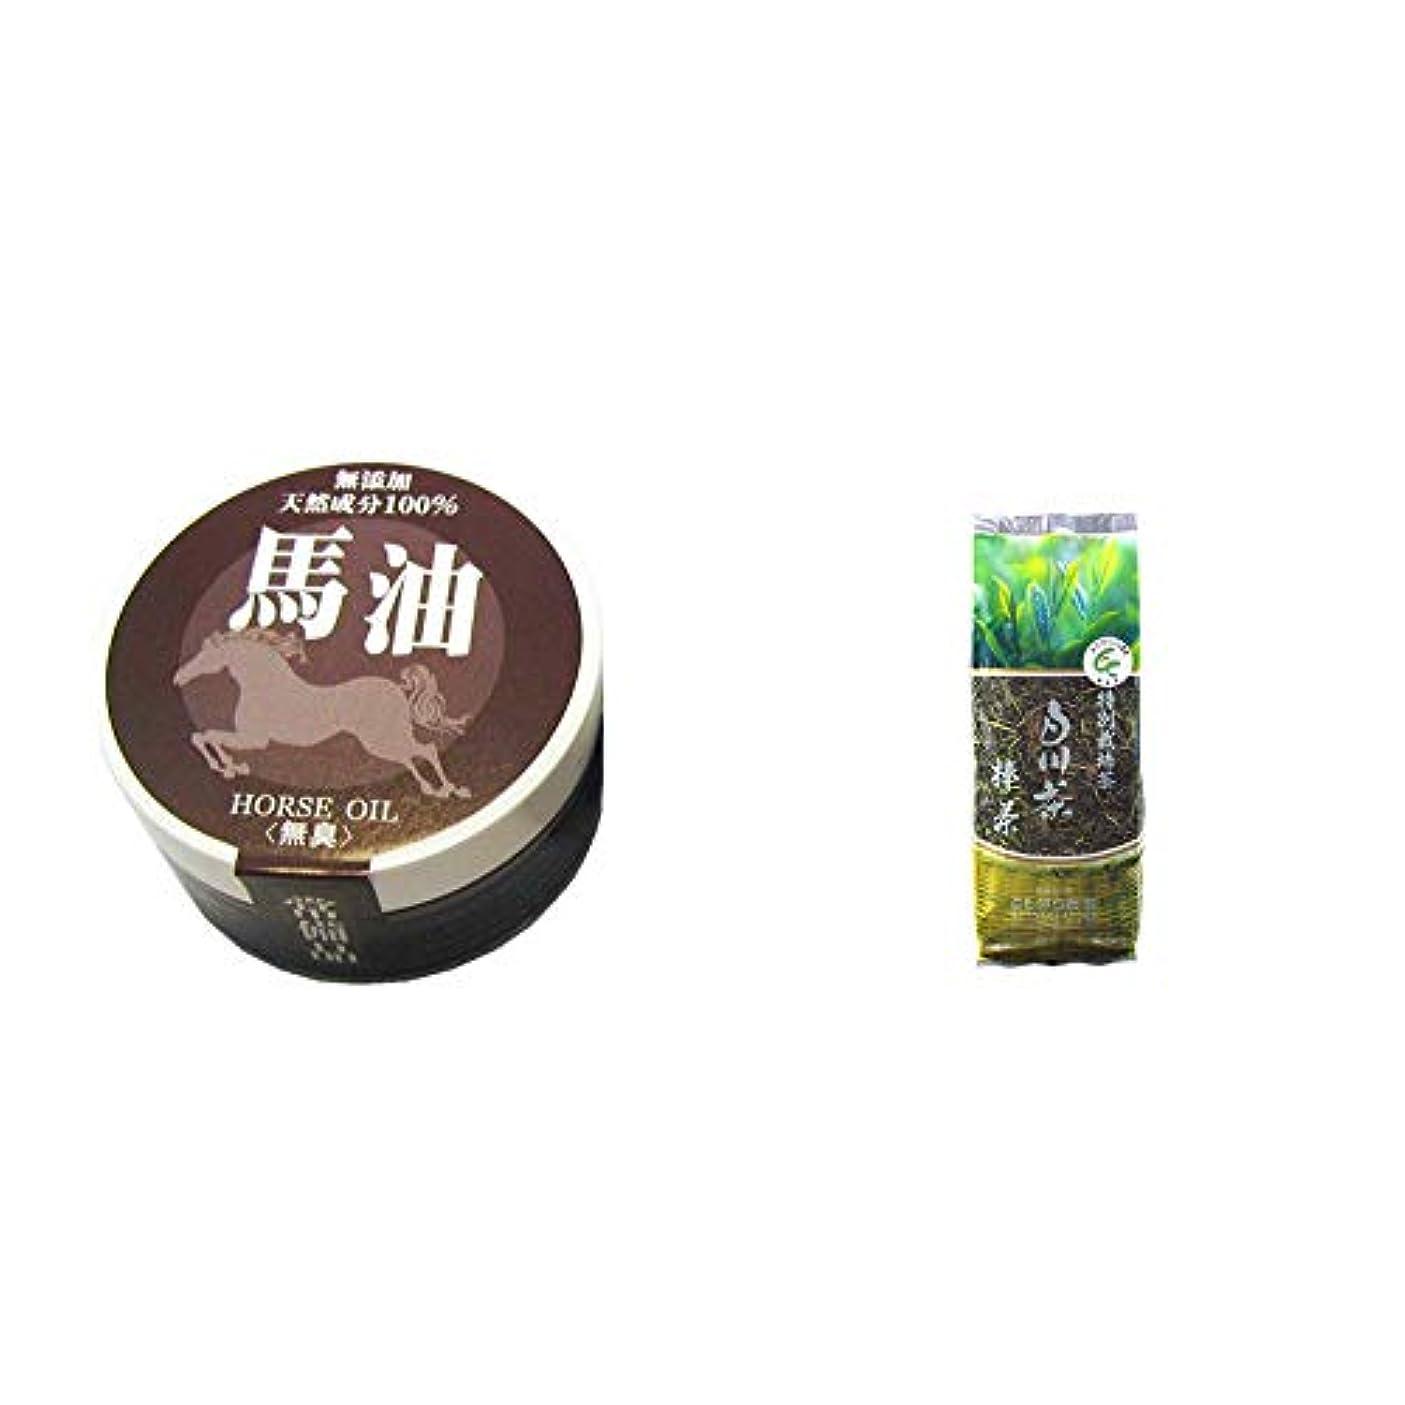 支払い何よりも充電[2点セット] 無添加天然成分100% 馬油[無香料](38g)?白川茶 特別栽培茶【棒茶】(150g)